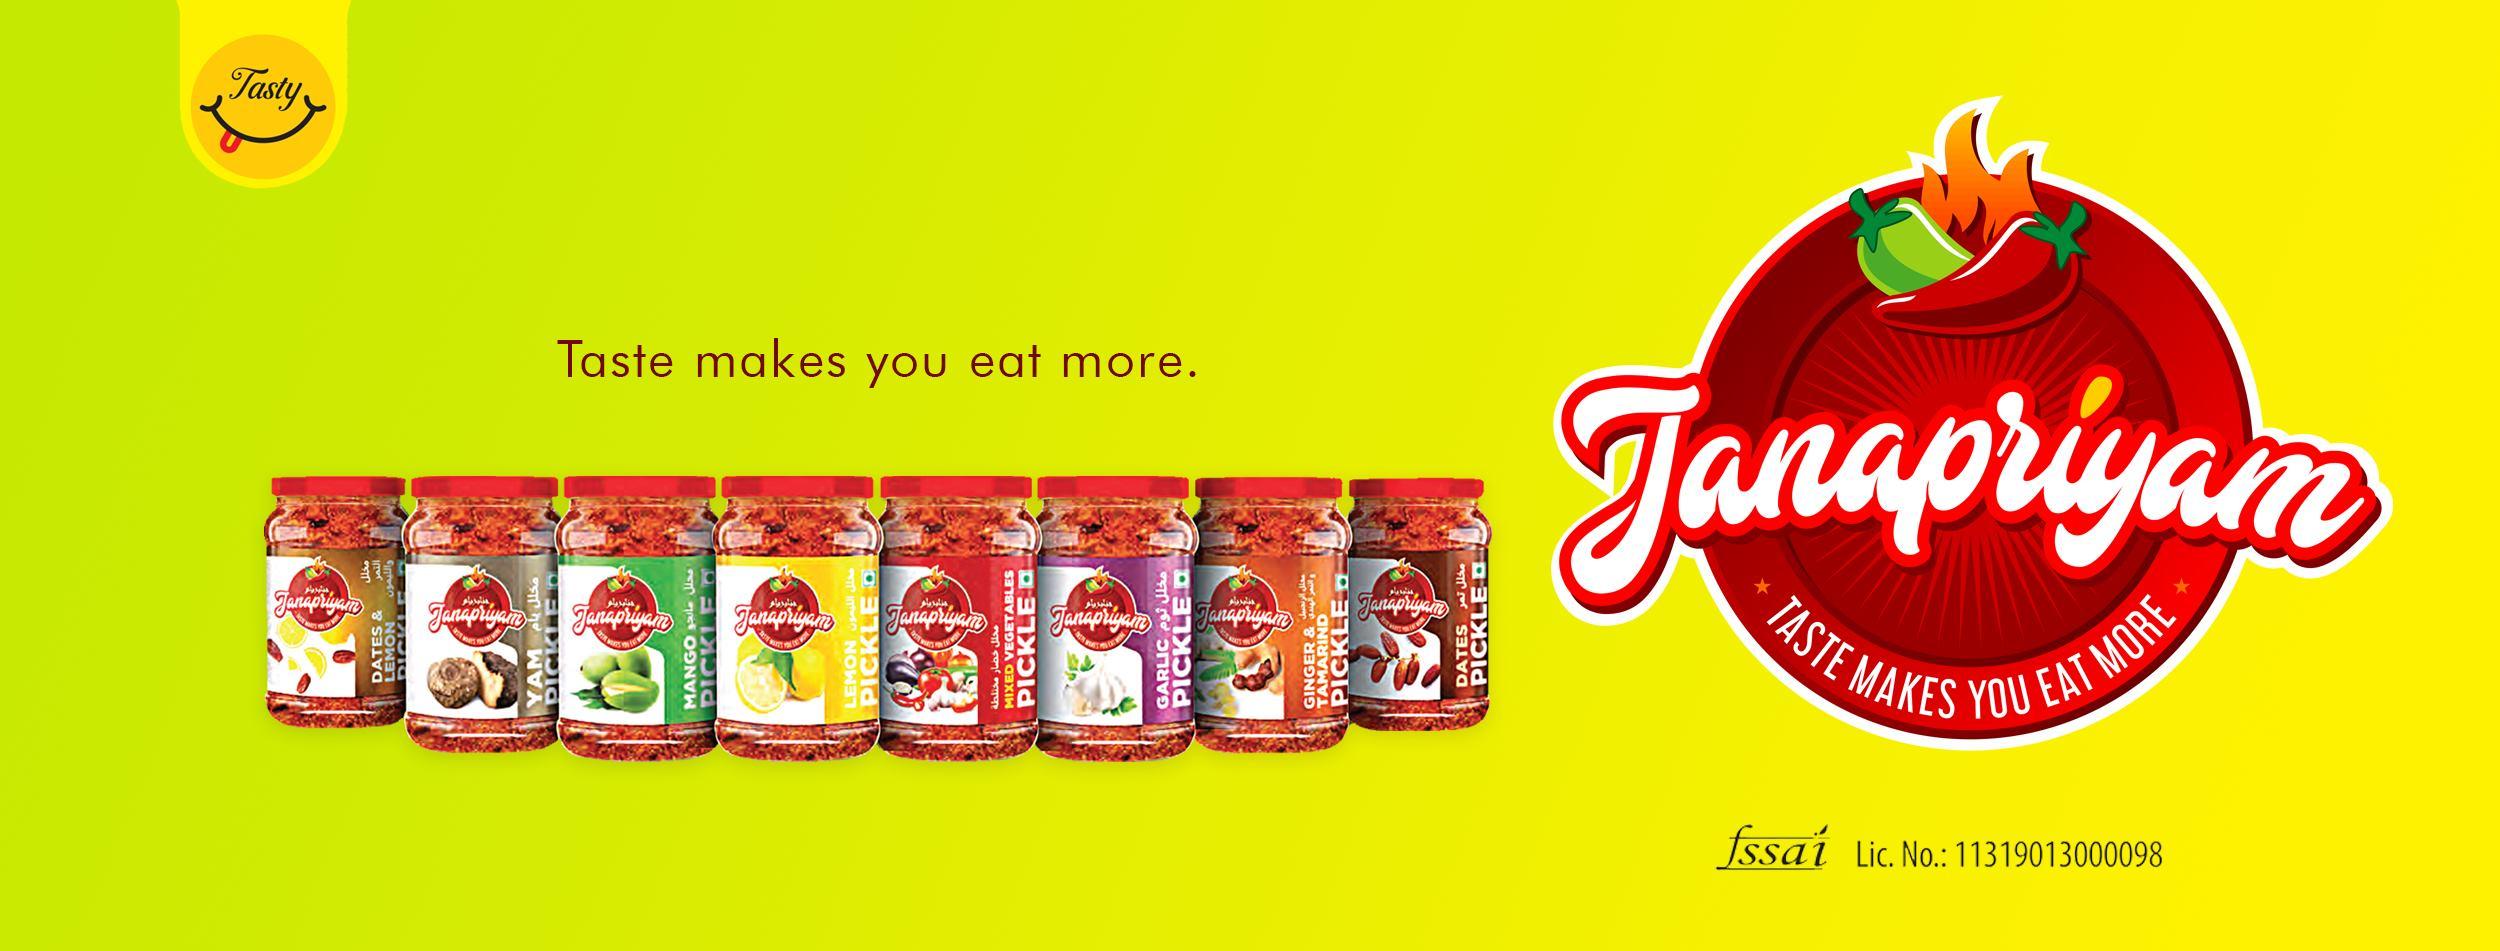 Janapriyam Pickles